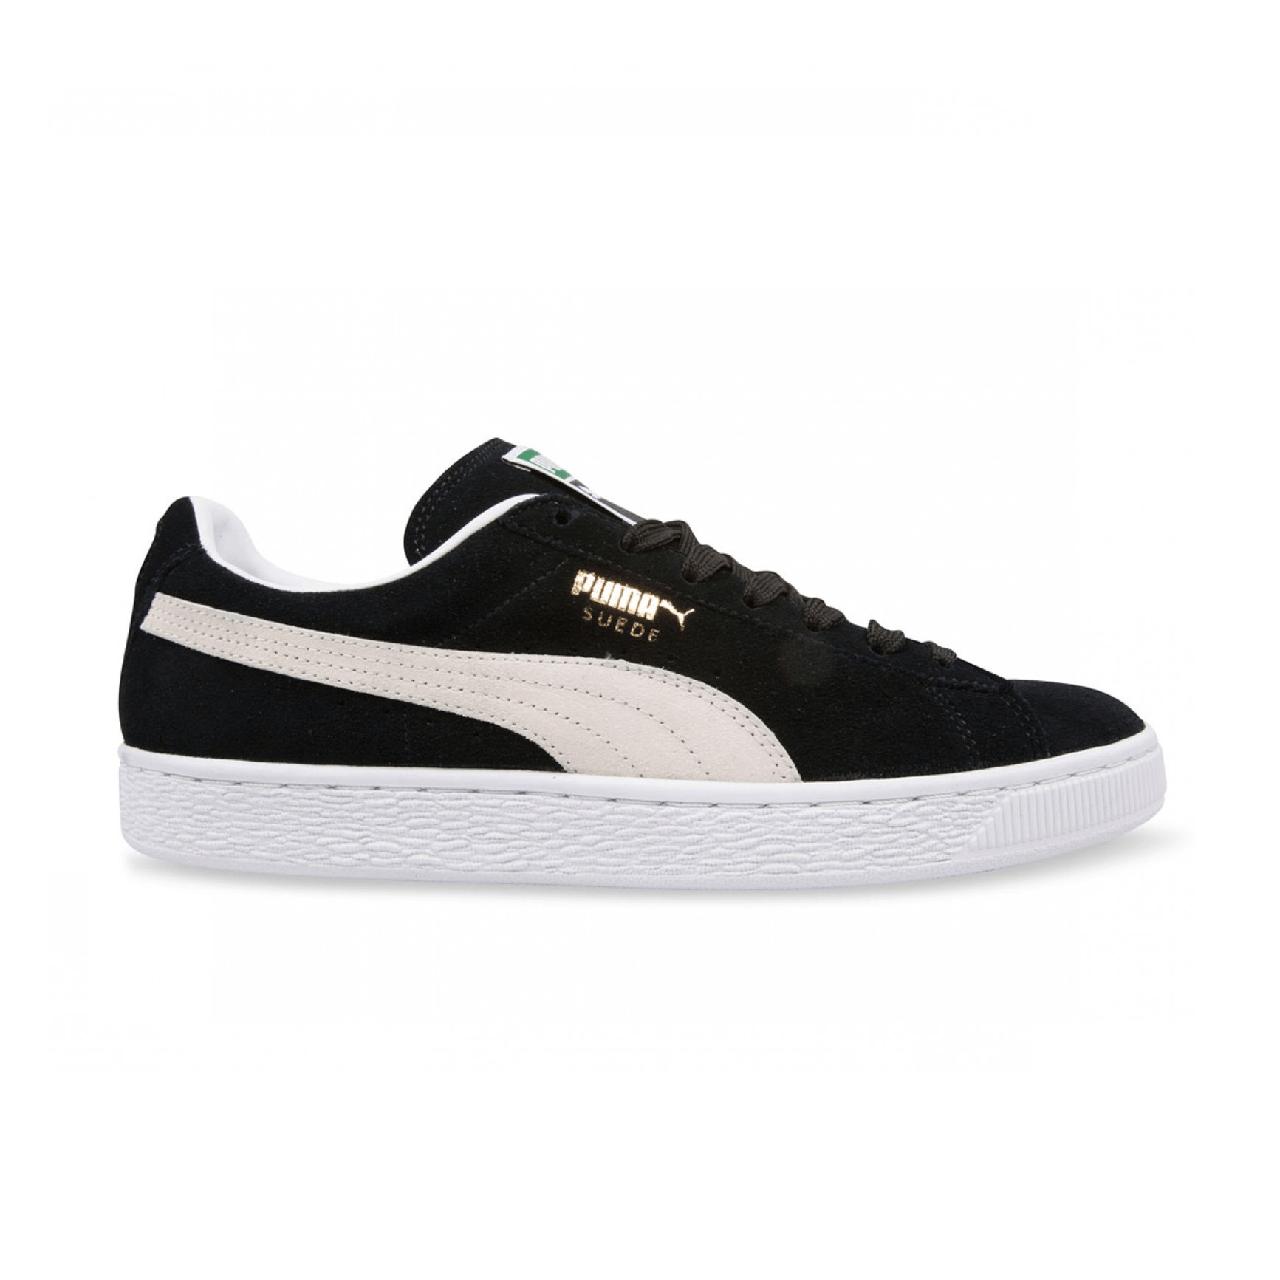 Кроссовки Puma Suede Black/White (реплика)